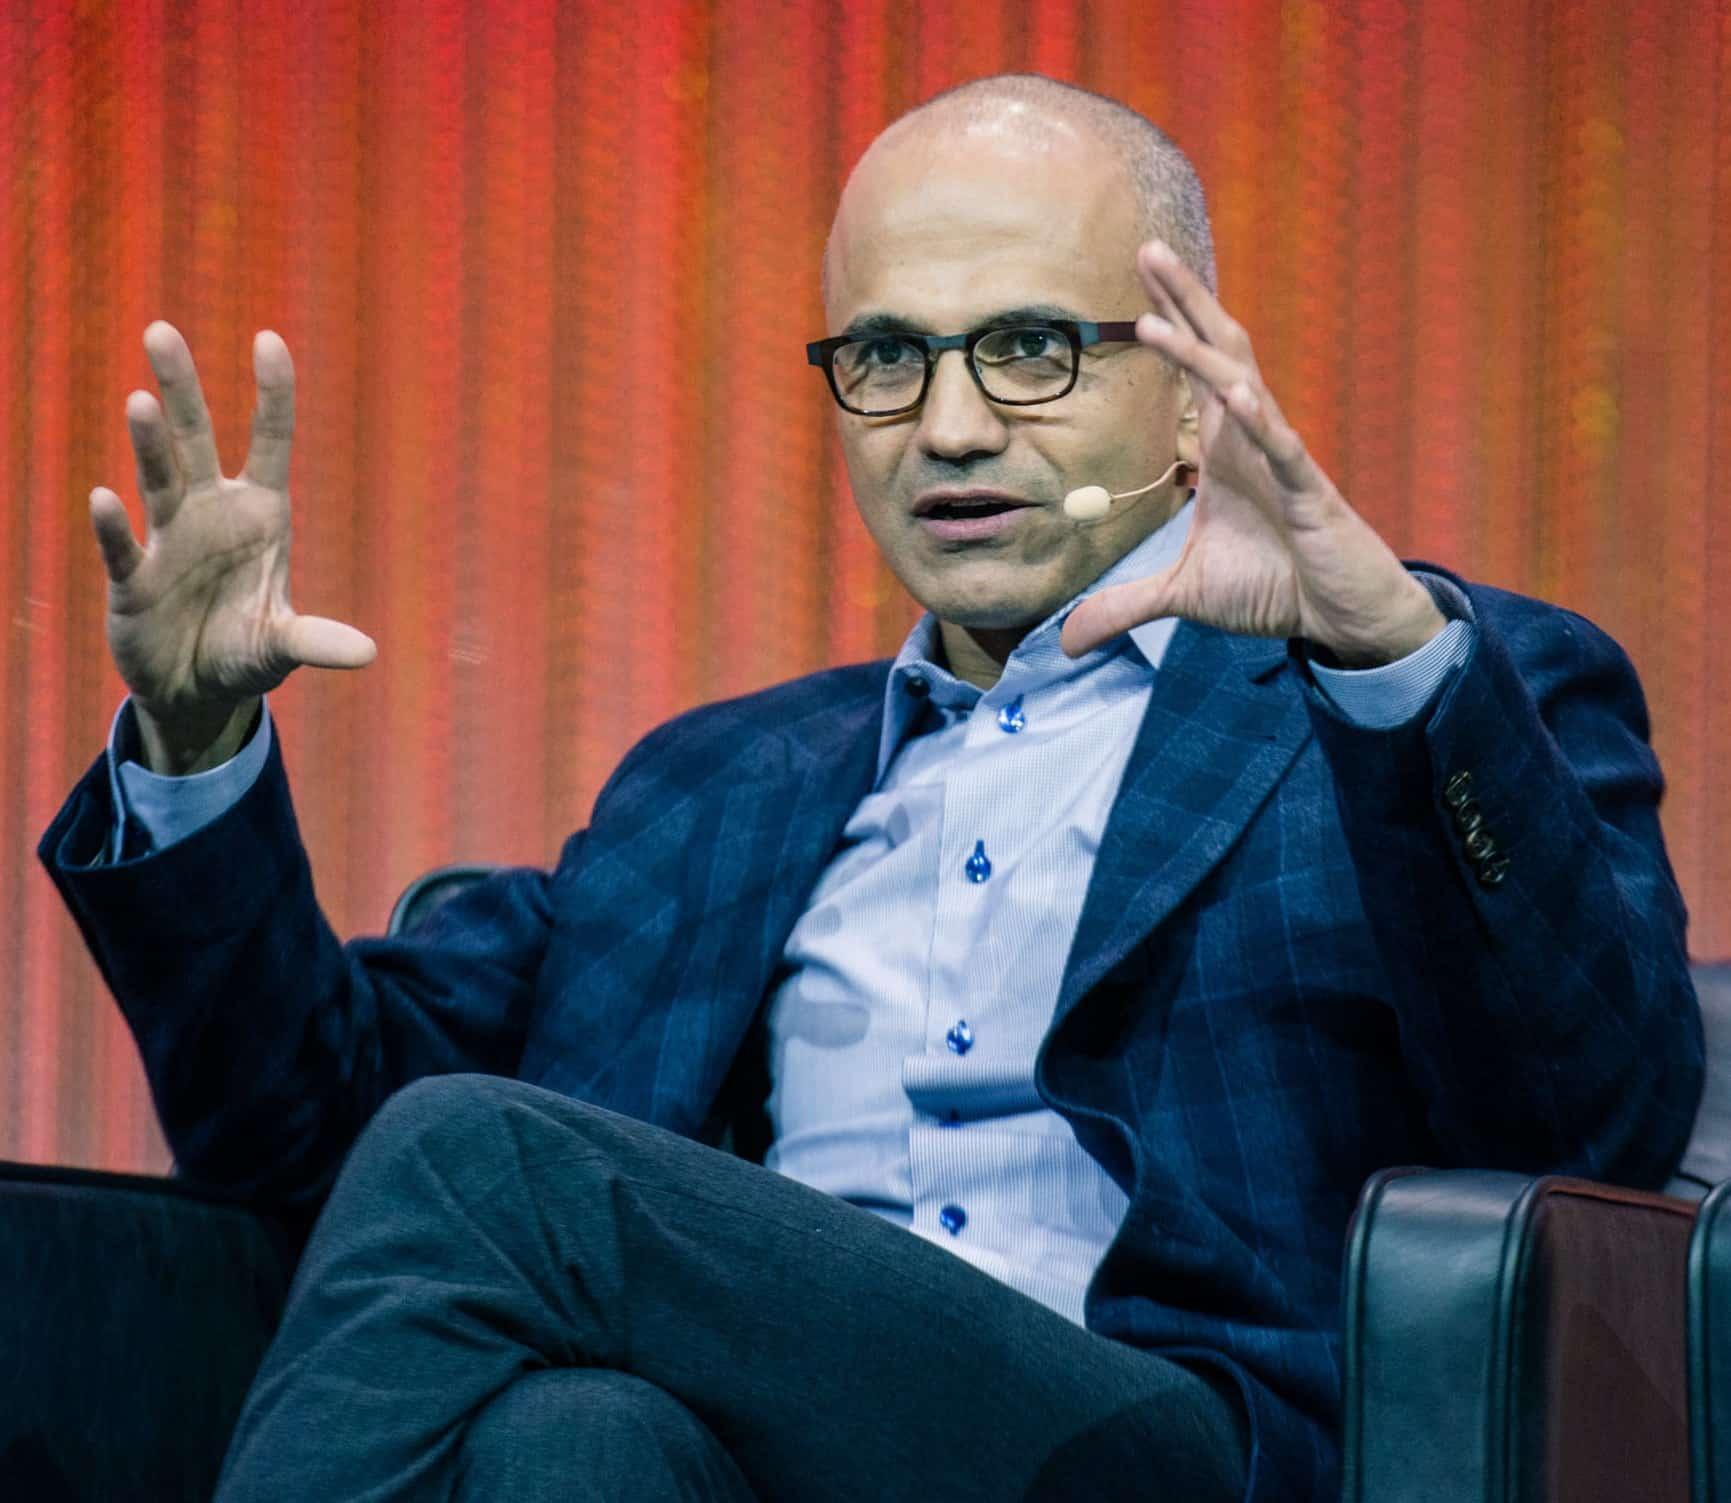 Microsoft Names Satya Nadella as New CEO